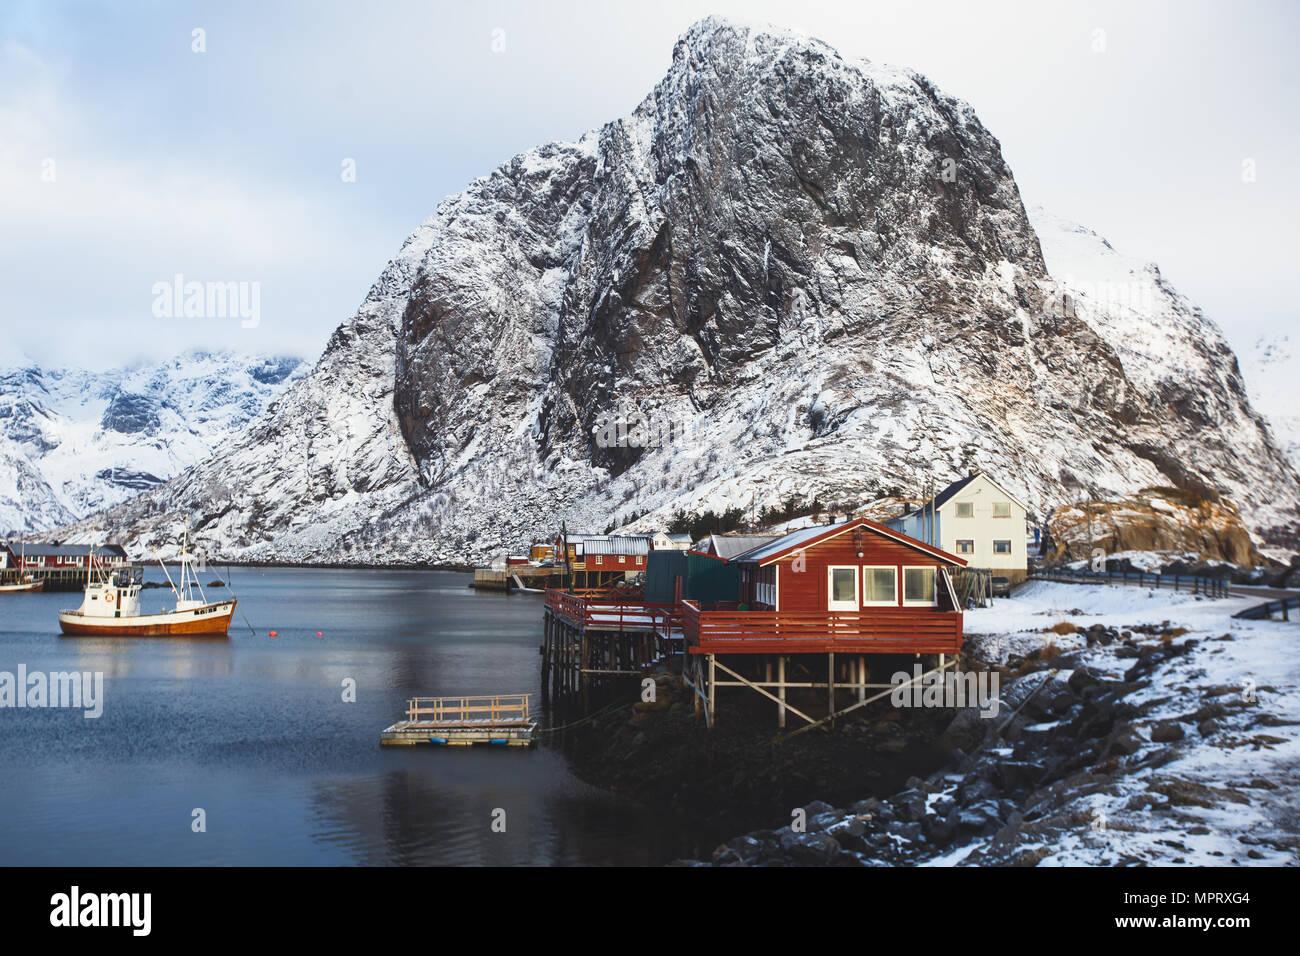 Super gran angular hermoso nevado invierno vista de Reine, Noruega, Islas Lofoten, con rascacielos, montañas, famoso pueblo pesquero con cabaña Pesca rojo Imagen De Stock